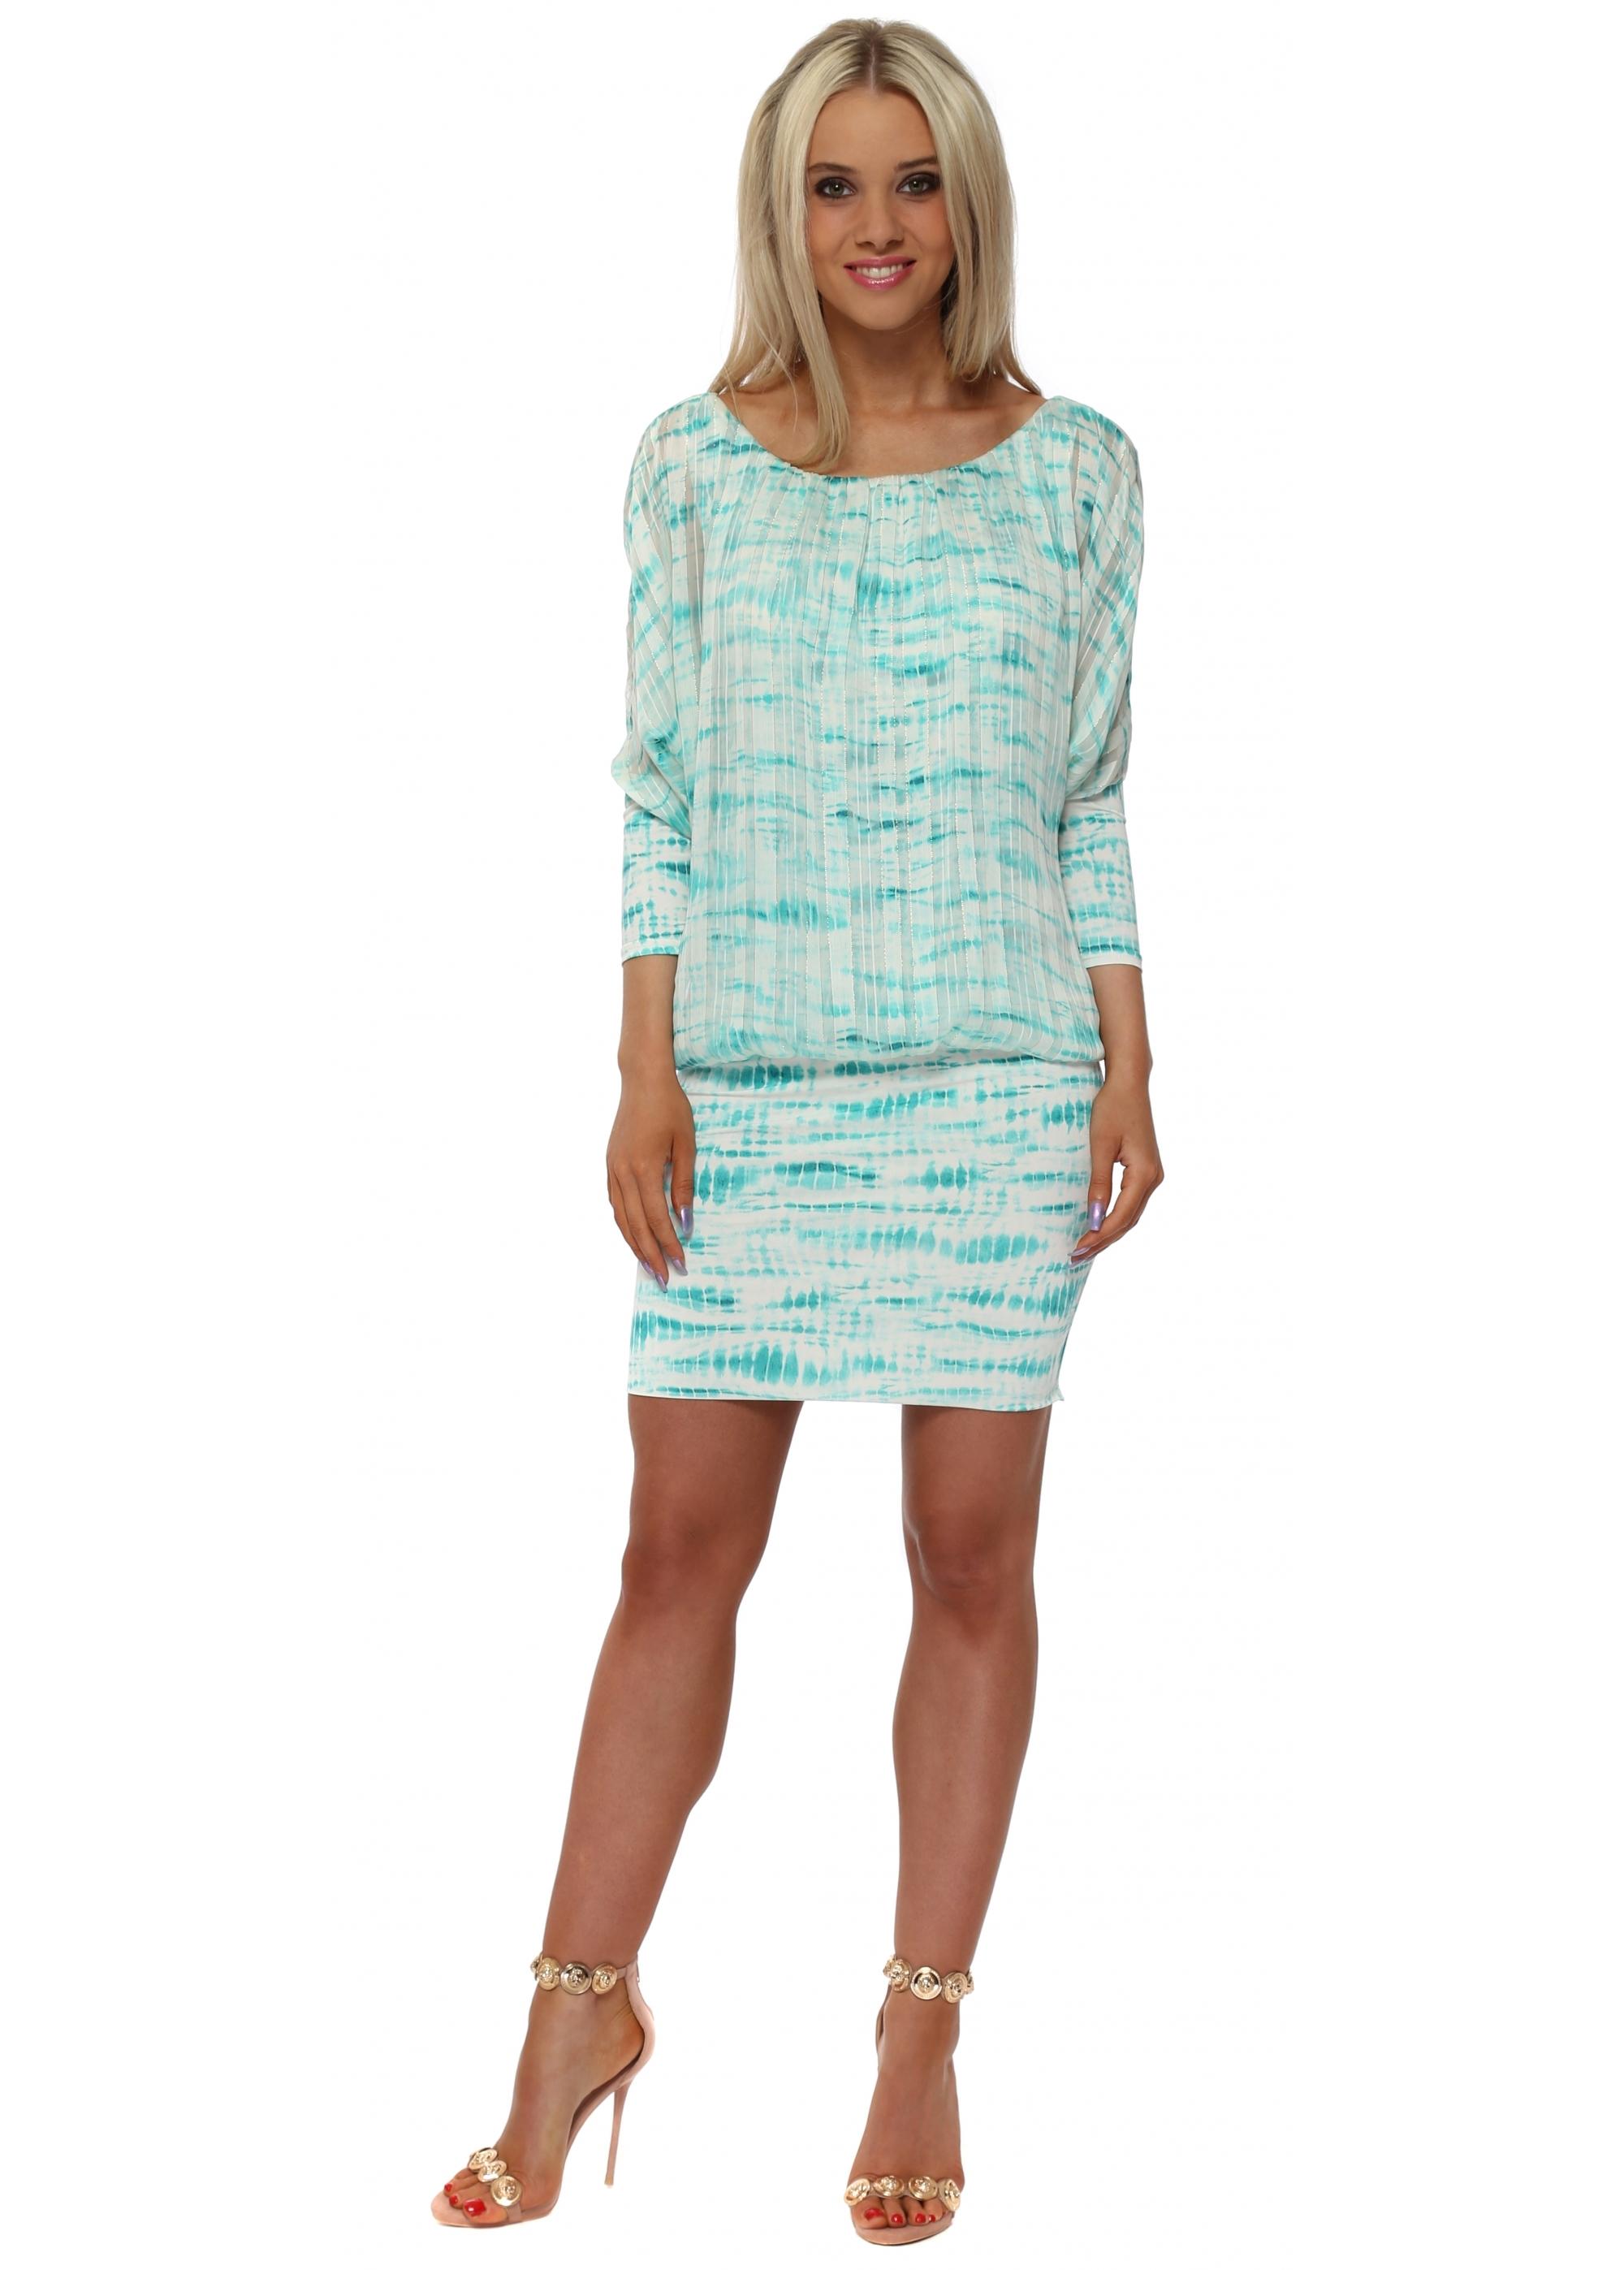 Troiska Paris Turquoise Tie Dye Mini Dress